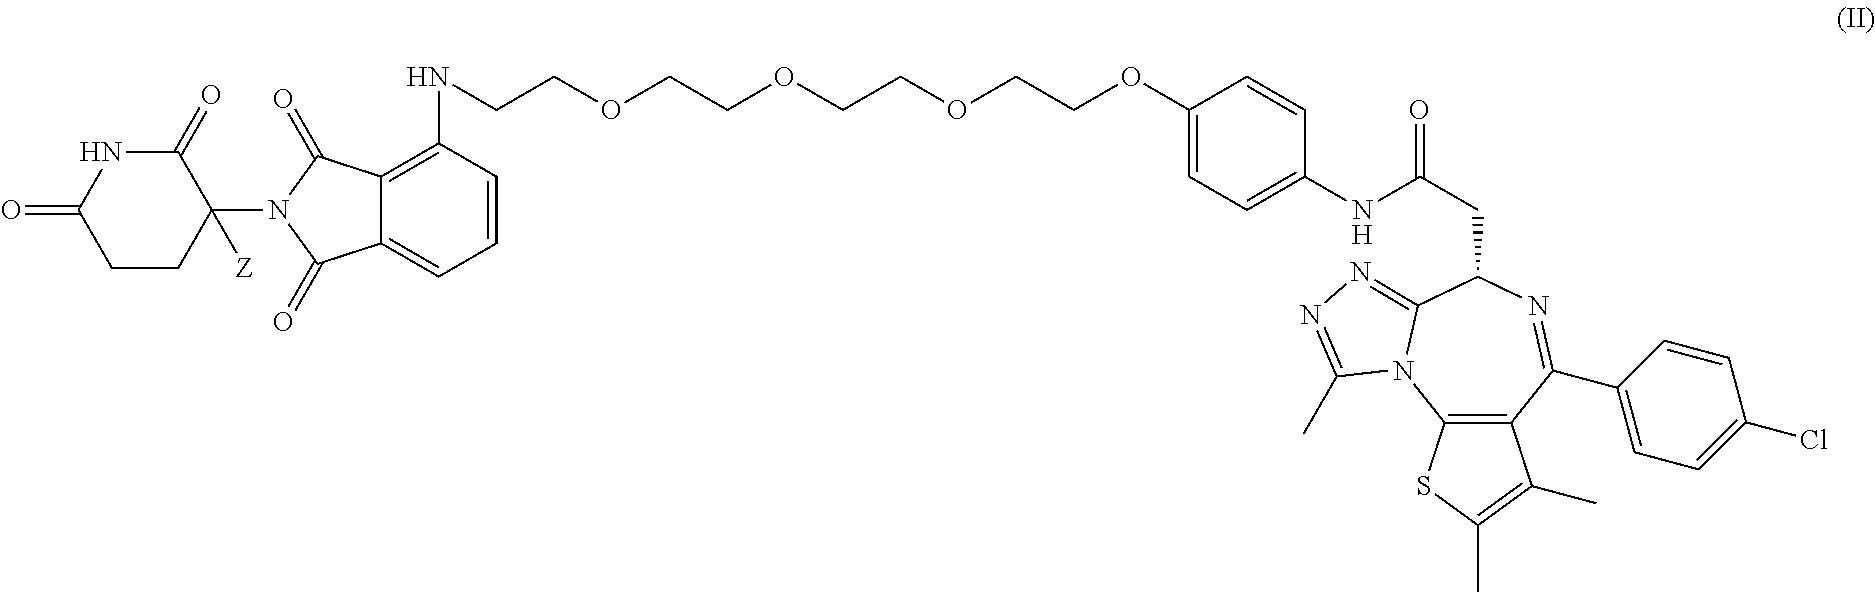 Figure US09809603-20171107-C00052